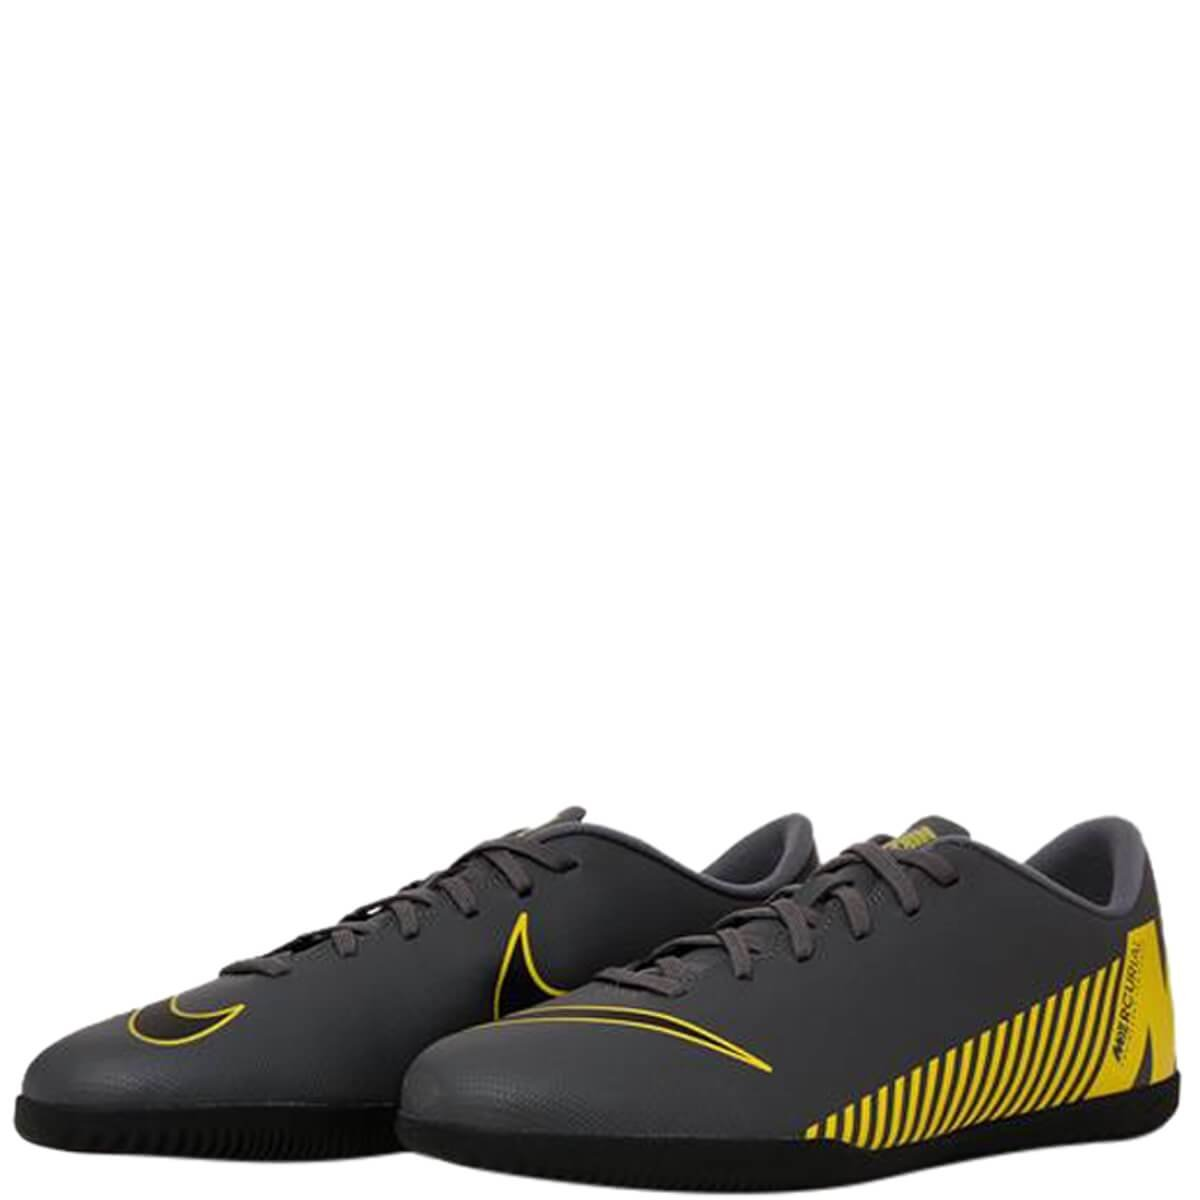 322b44cd54 Chuteira Masculina Futsal Nike MercurialX Vapor 12 Club Ah7385-070 -  Cinza Amarelo